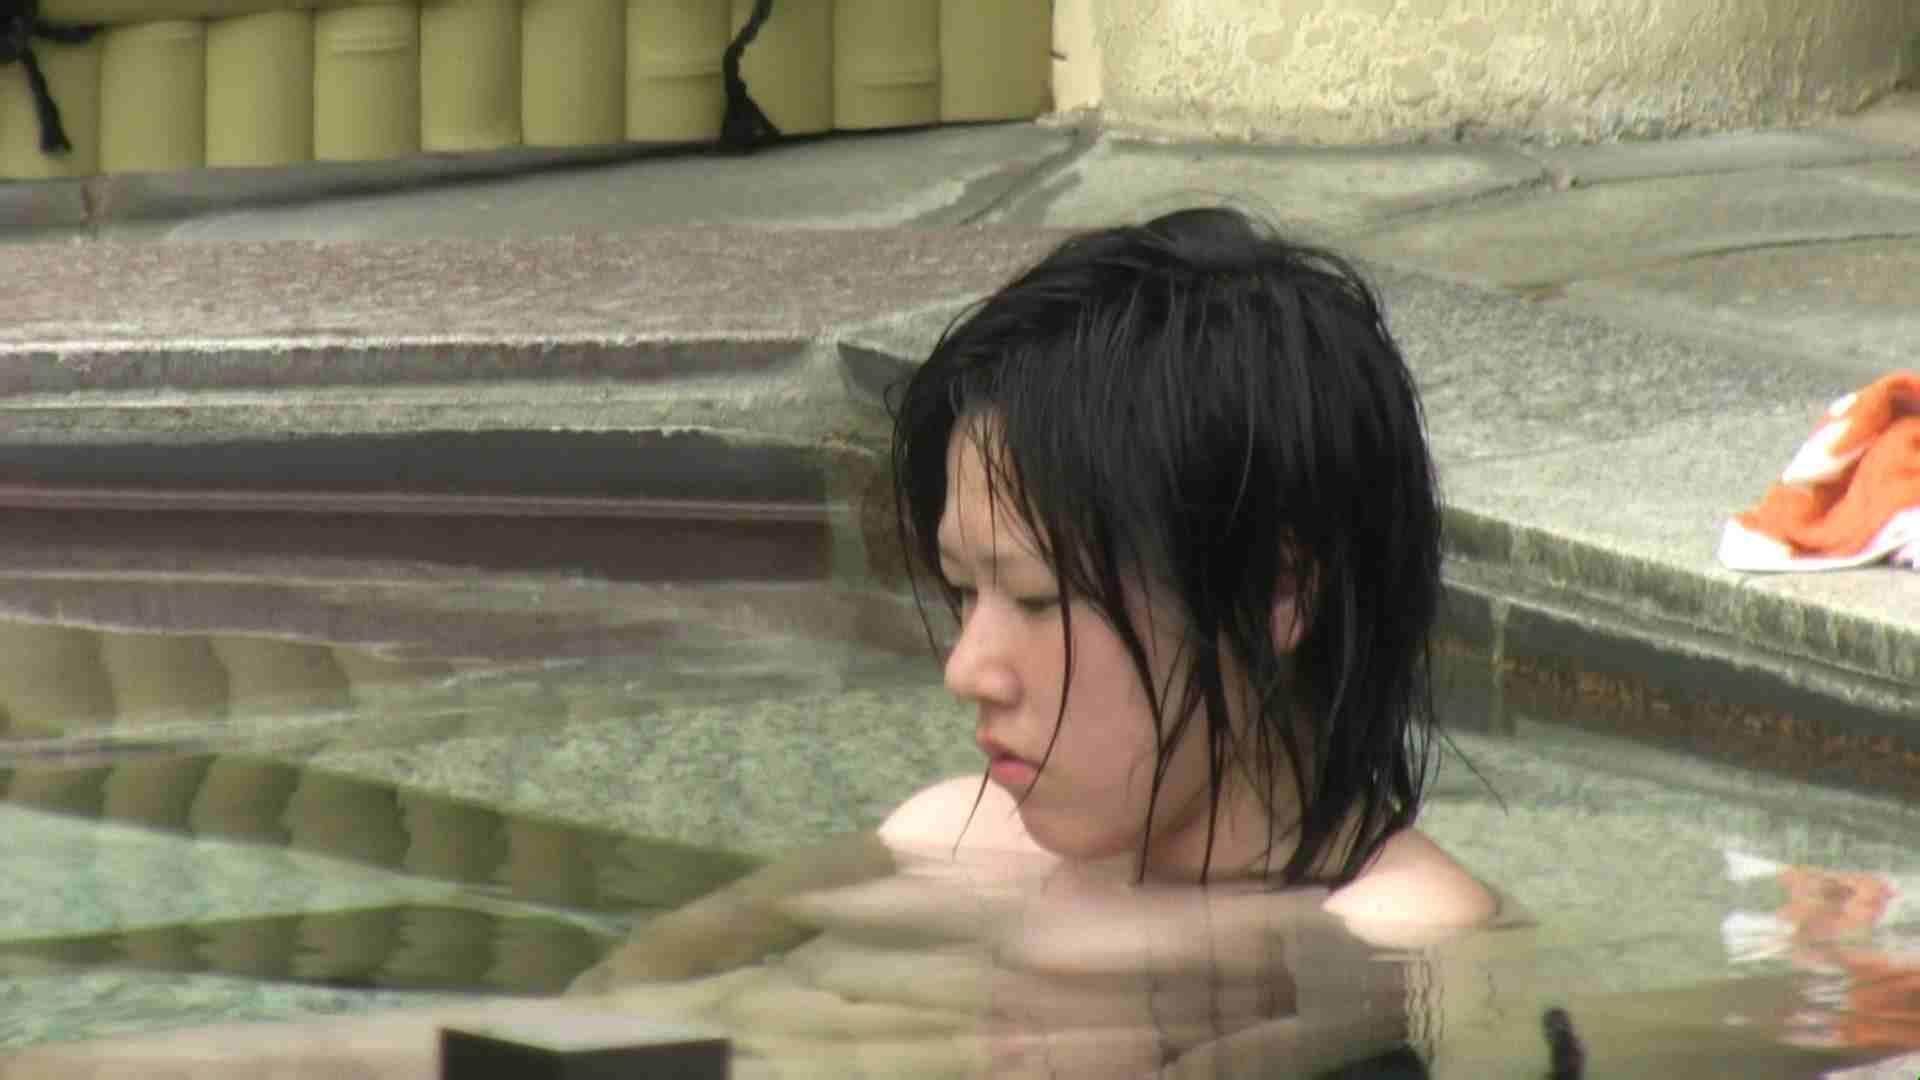 Aquaな露天風呂Vol.36 0   0  50pic 25